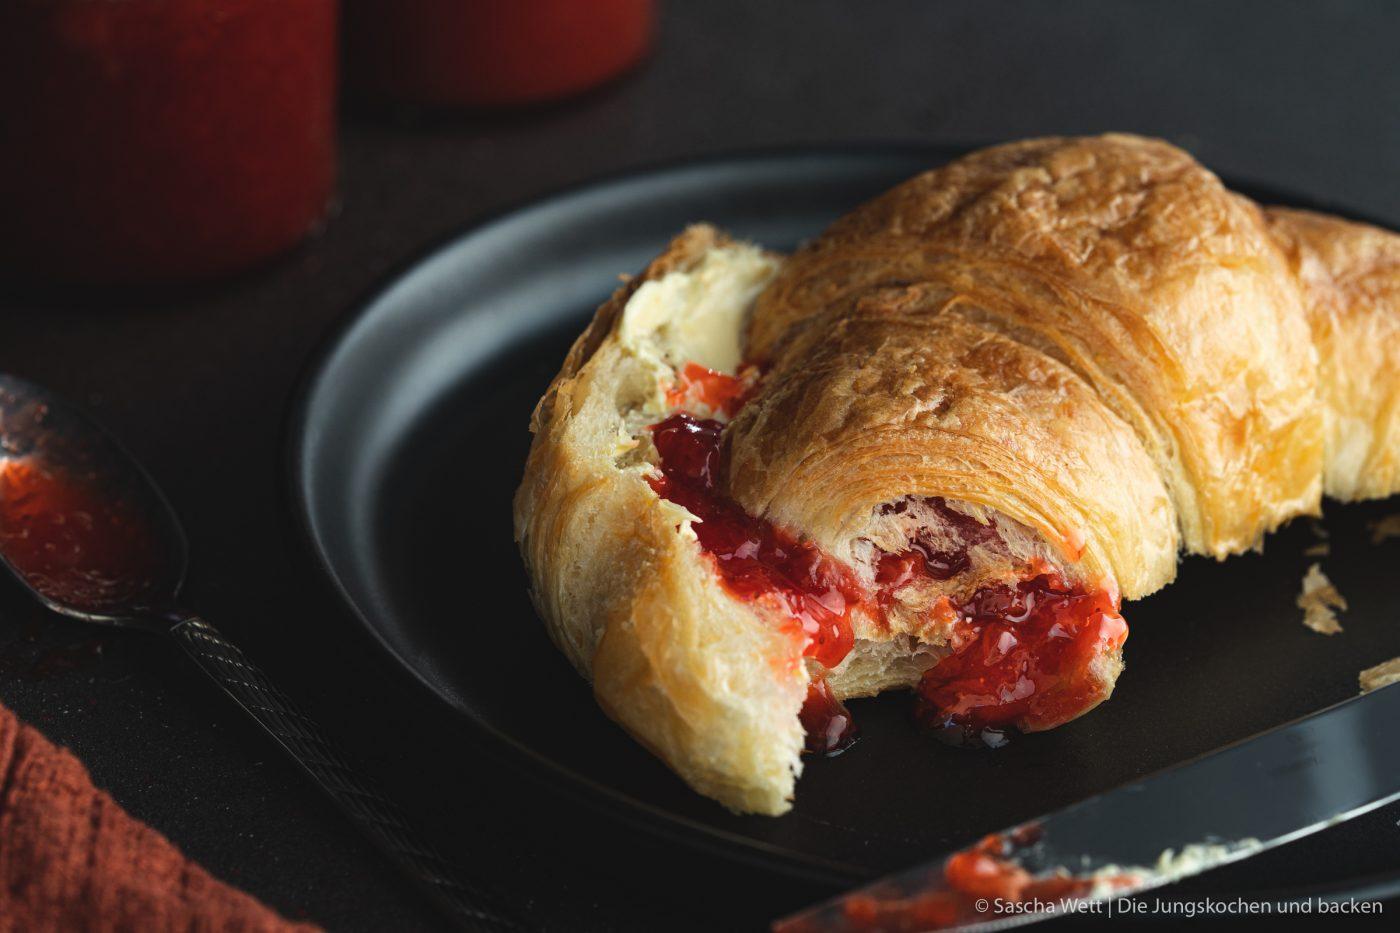 Rhabarber-Erdbeerkonfitüre auf Croissant, angebissen